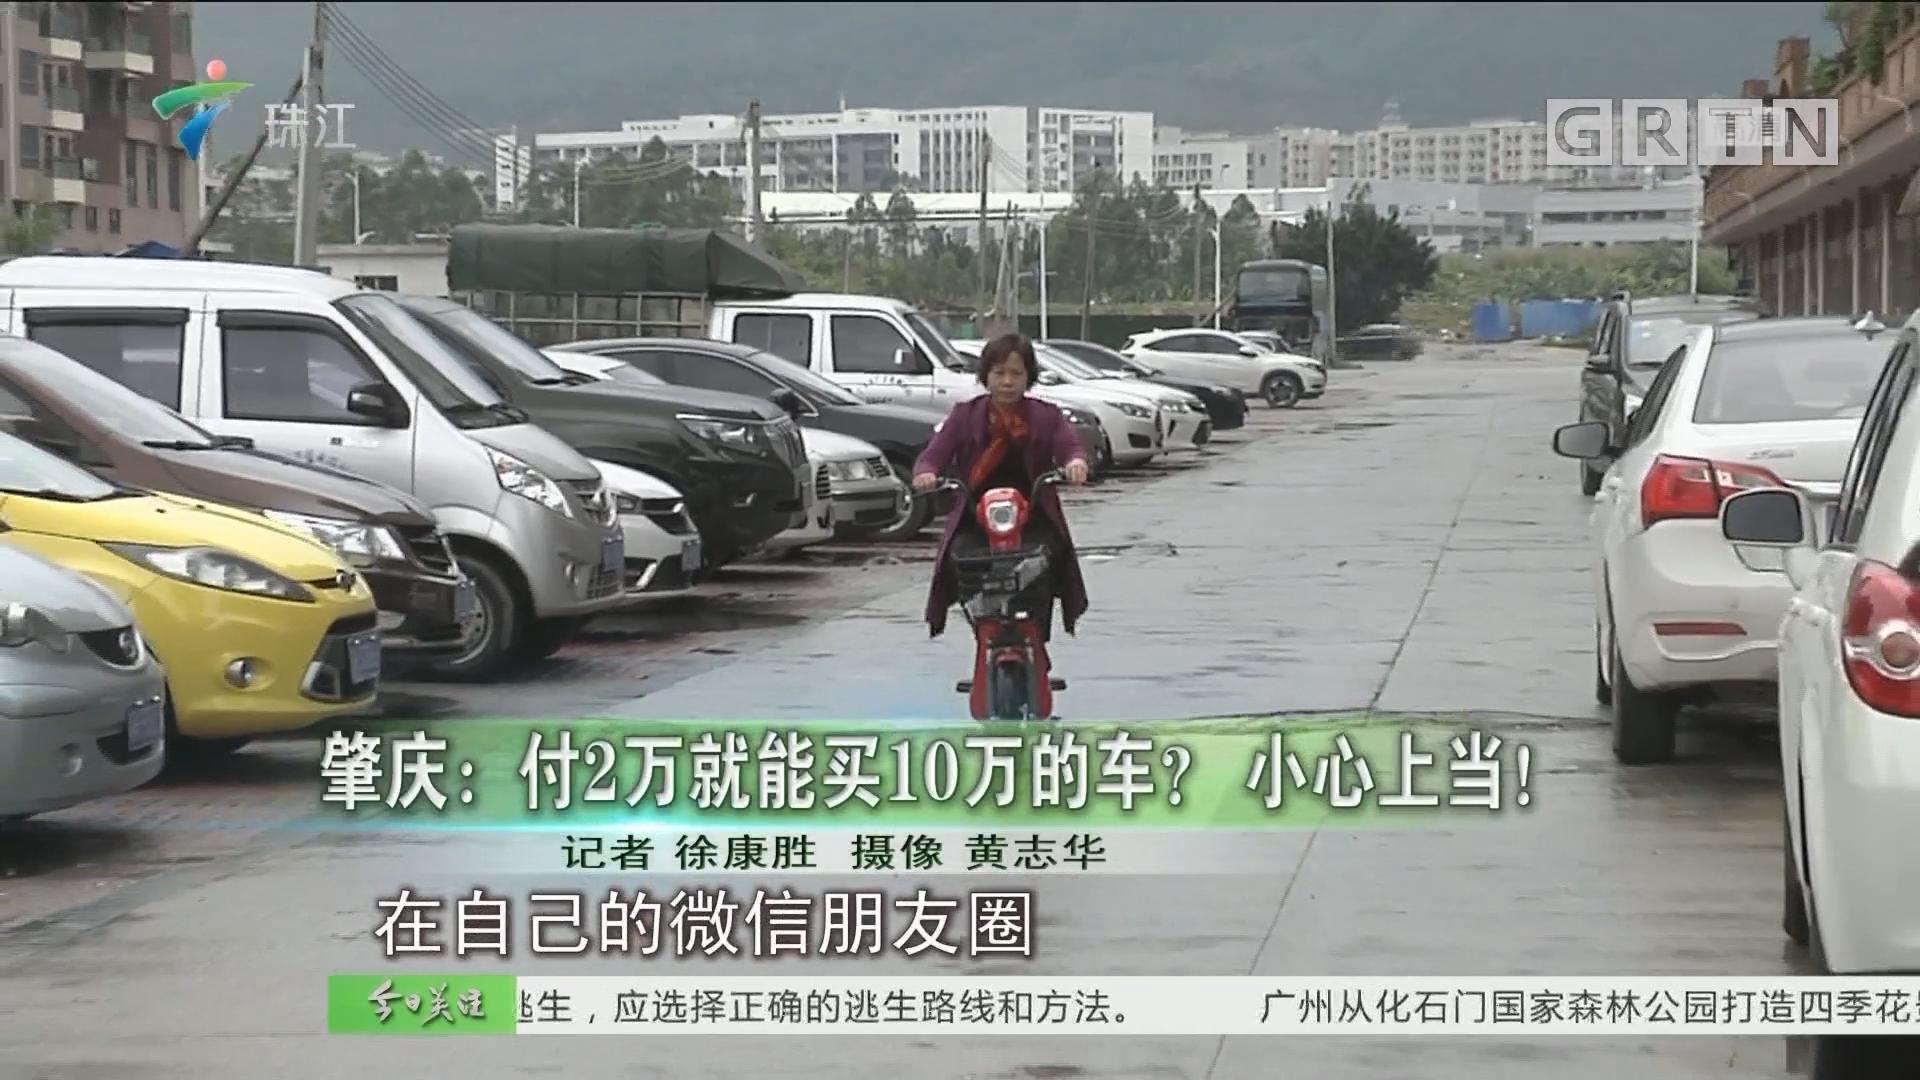 肇庆:付2万就能买10万的车? 小心上当!